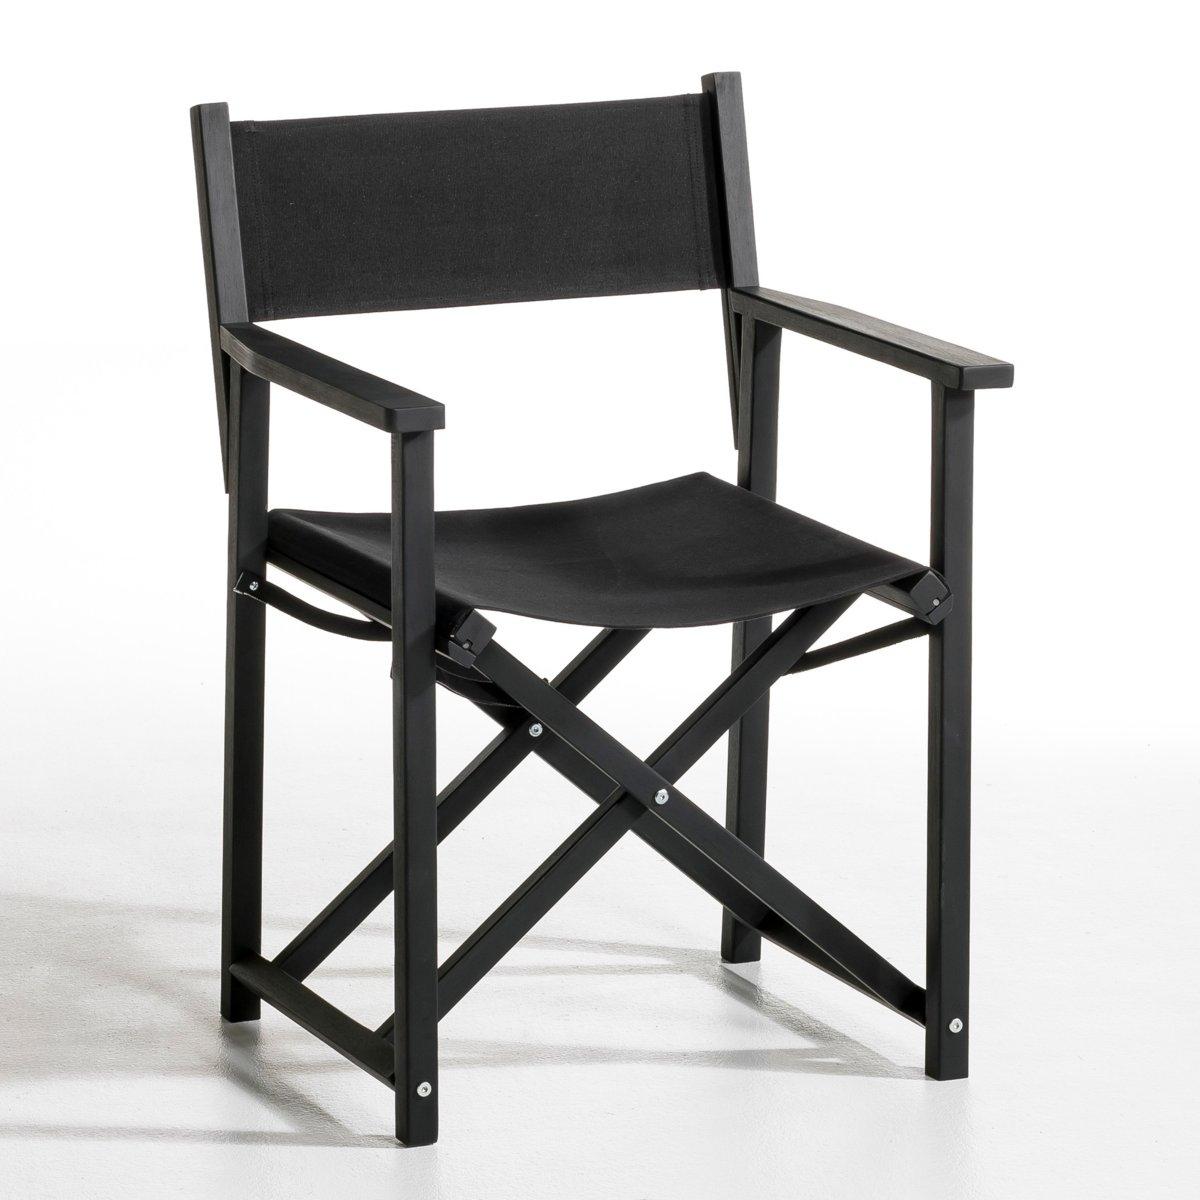 Кресло режиссерское  AlfredСкладное, удачно смотрится и в помещении, и на природе. Из акации, черный матовый цвет . Покрытие-натуральный хлопок, подходит для использования на природе . Размеры. .59 x .54 x .85 см.. Высота. 47 см.Сочетается с другими креслами режиссера Alfred.<br><br>Цвет: черный